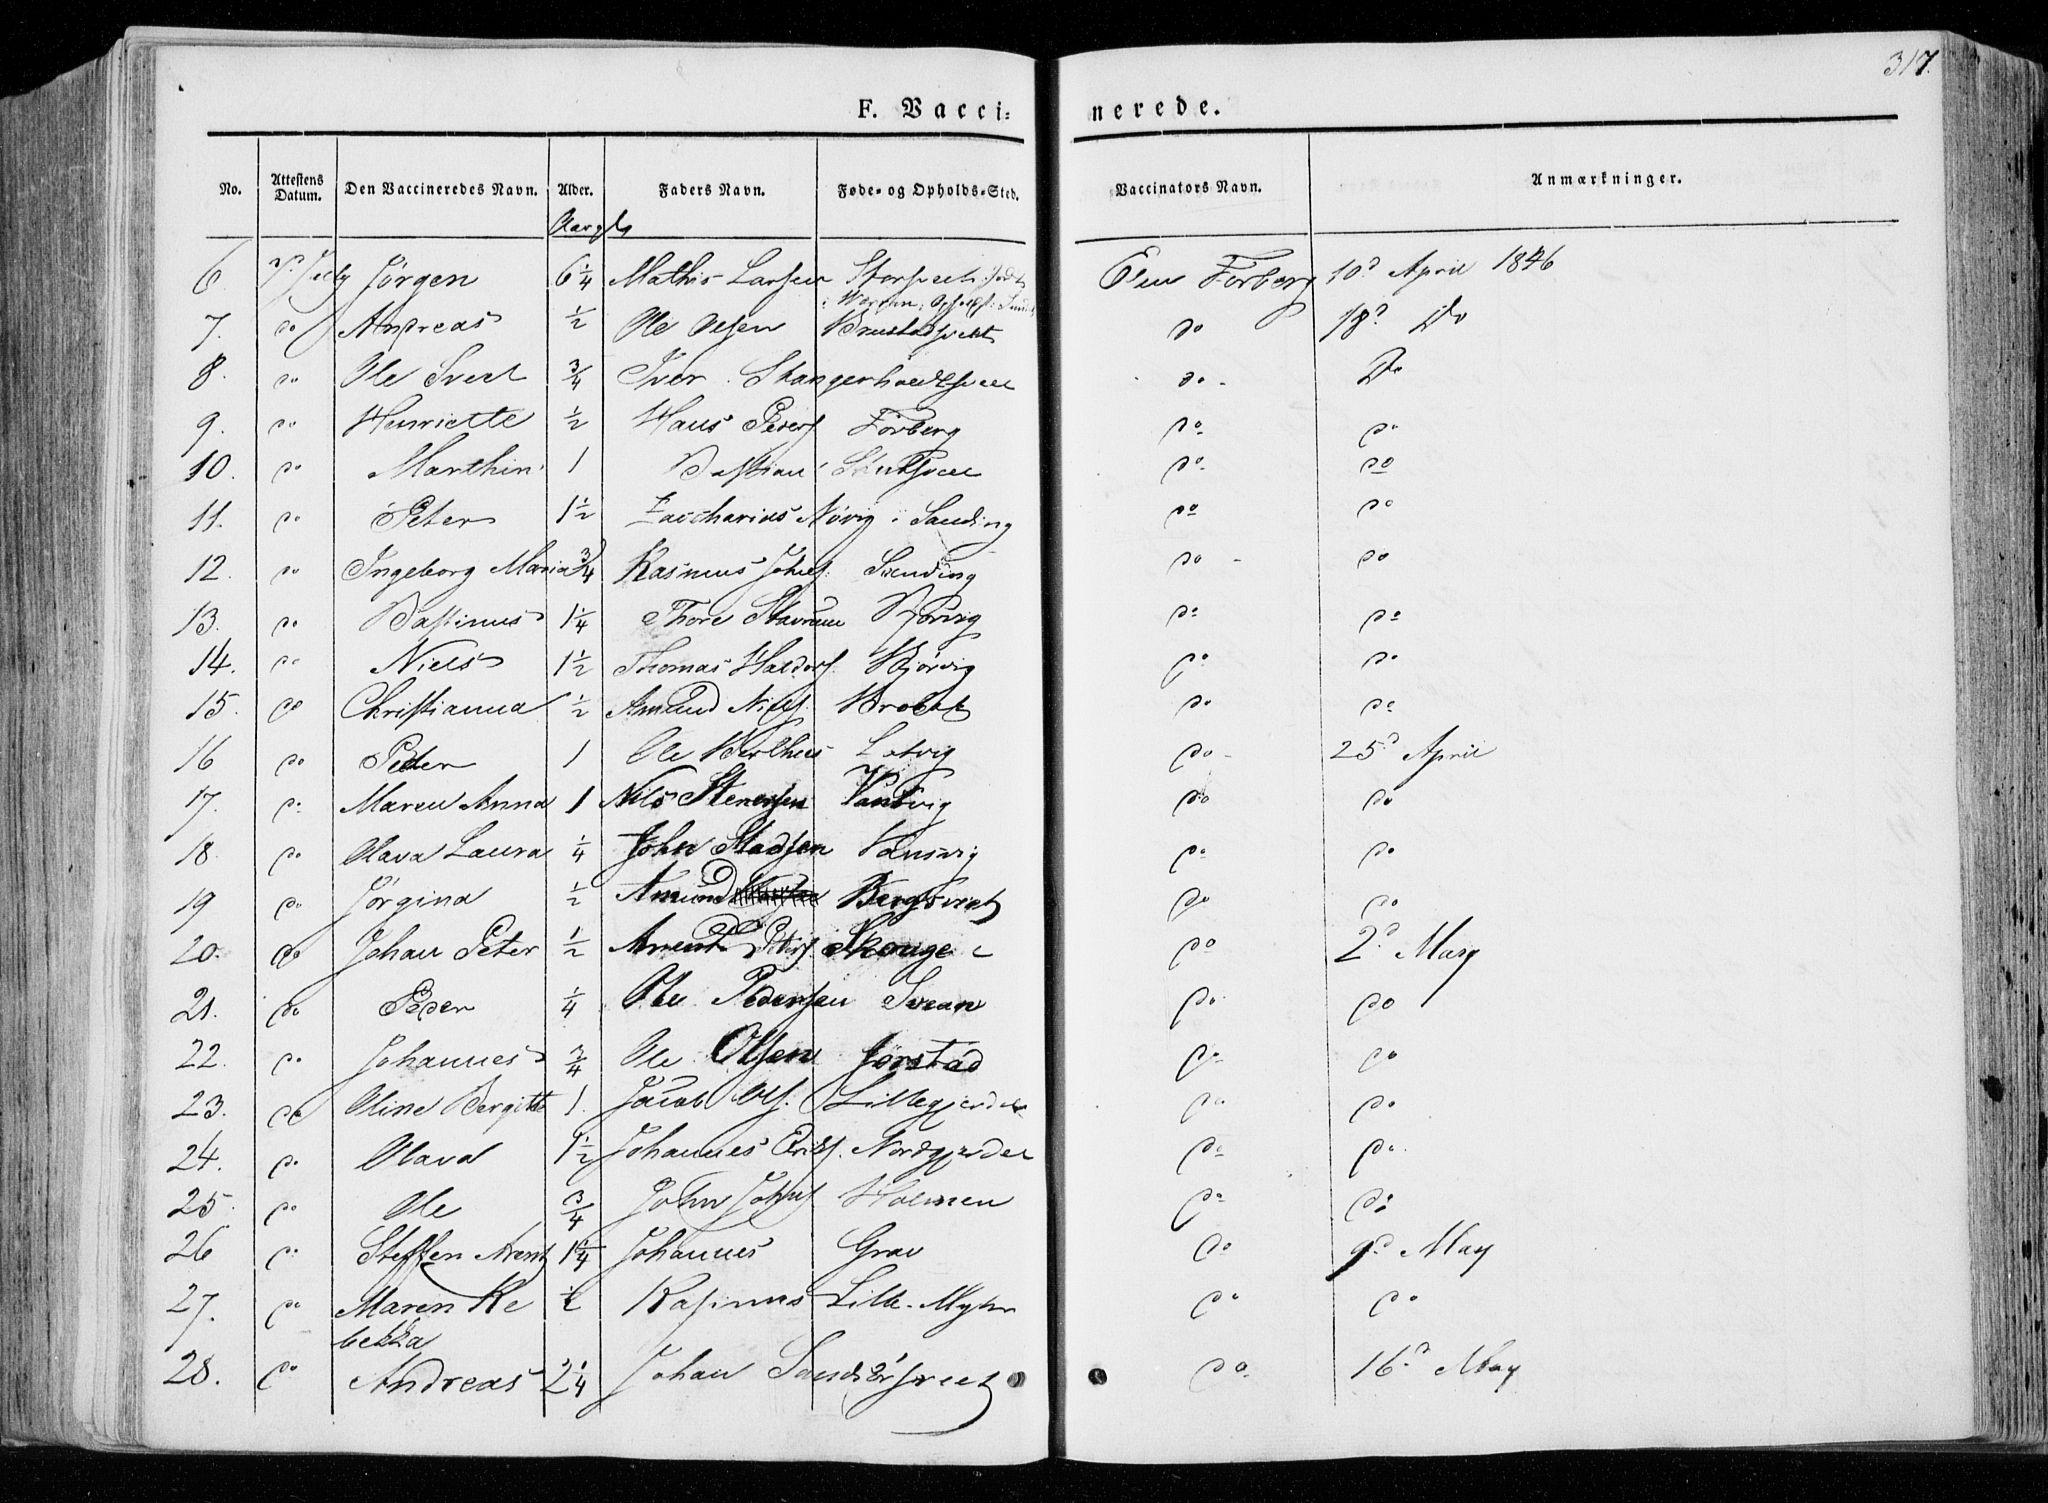 SAT, Ministerialprotokoller, klokkerbøker og fødselsregistre - Nord-Trøndelag, 722/L0218: Ministerialbok nr. 722A05, 1843-1868, s. 317